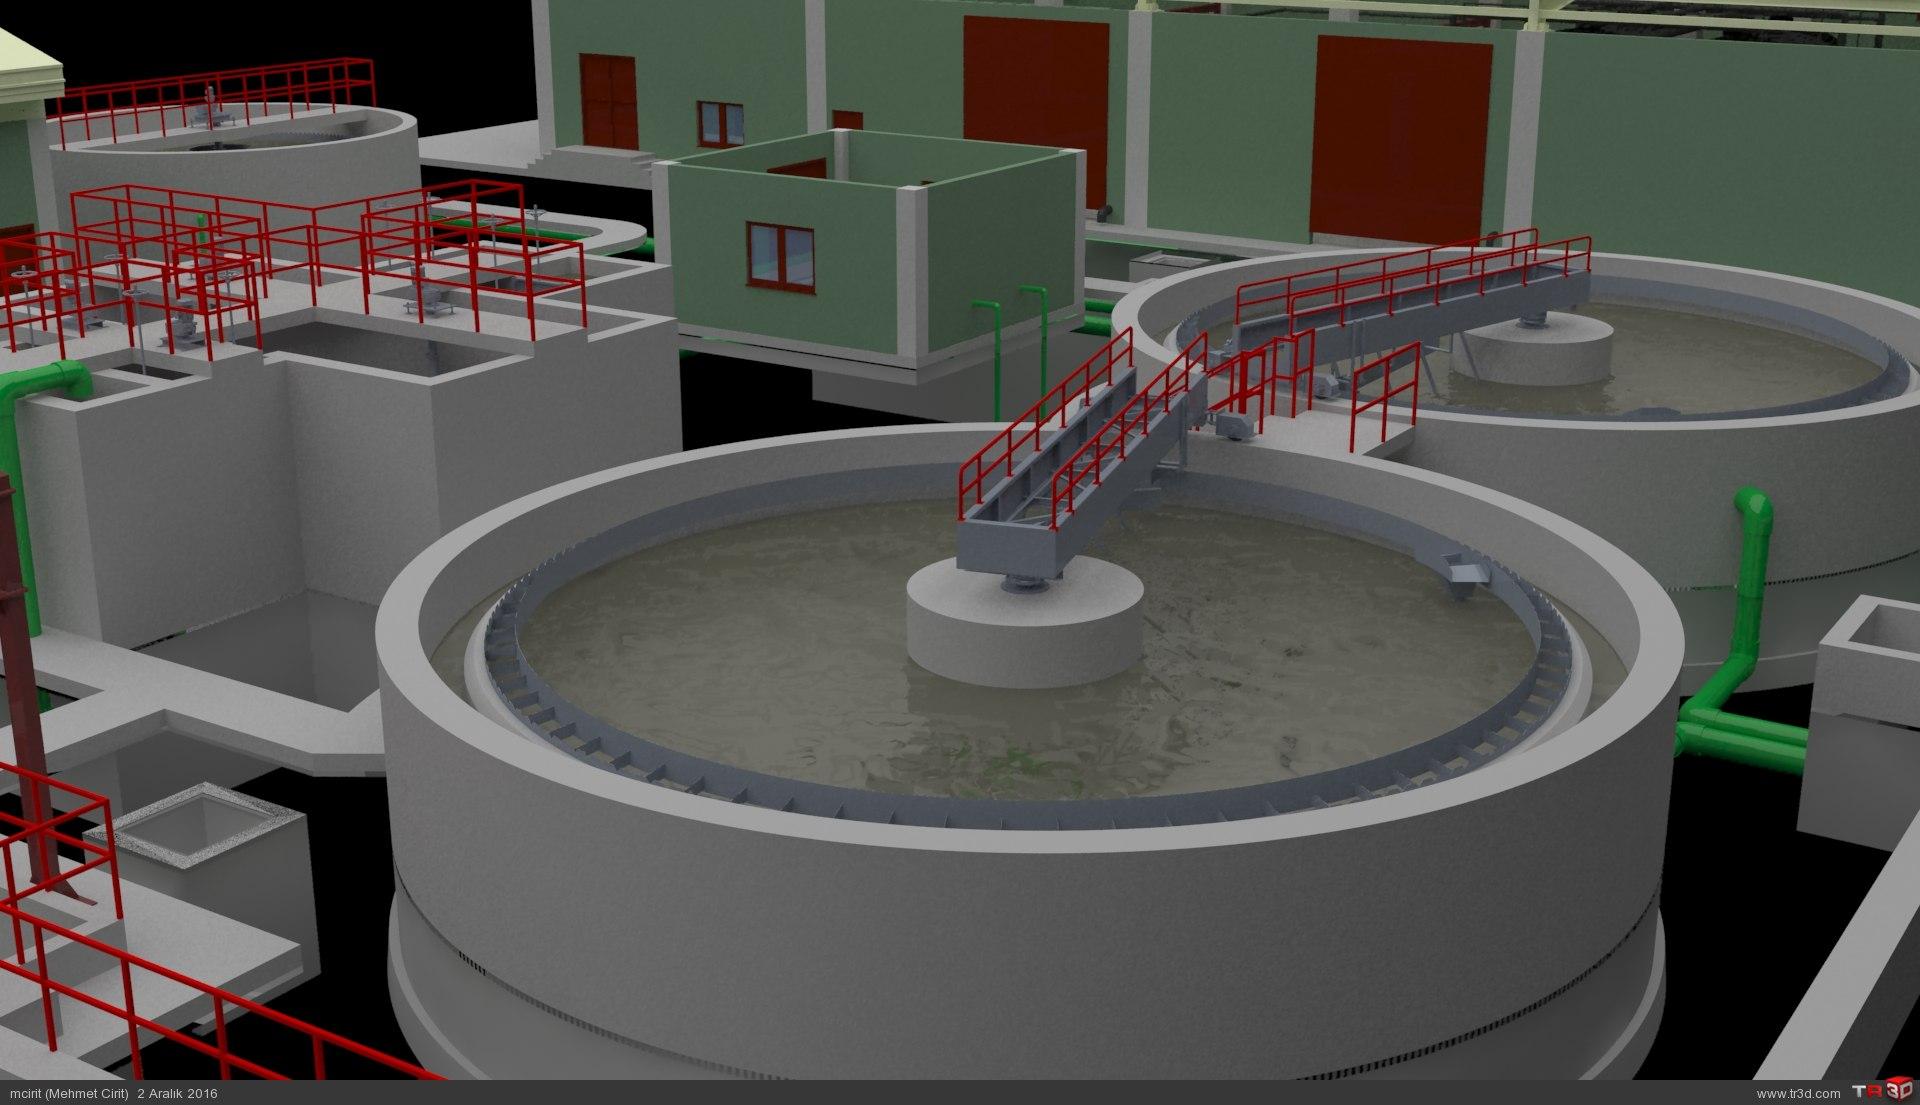 ARC WT Co. Tunçbilek Kömür Suyu Biyolojik, Kimyasal Arıtma Tesisi 6